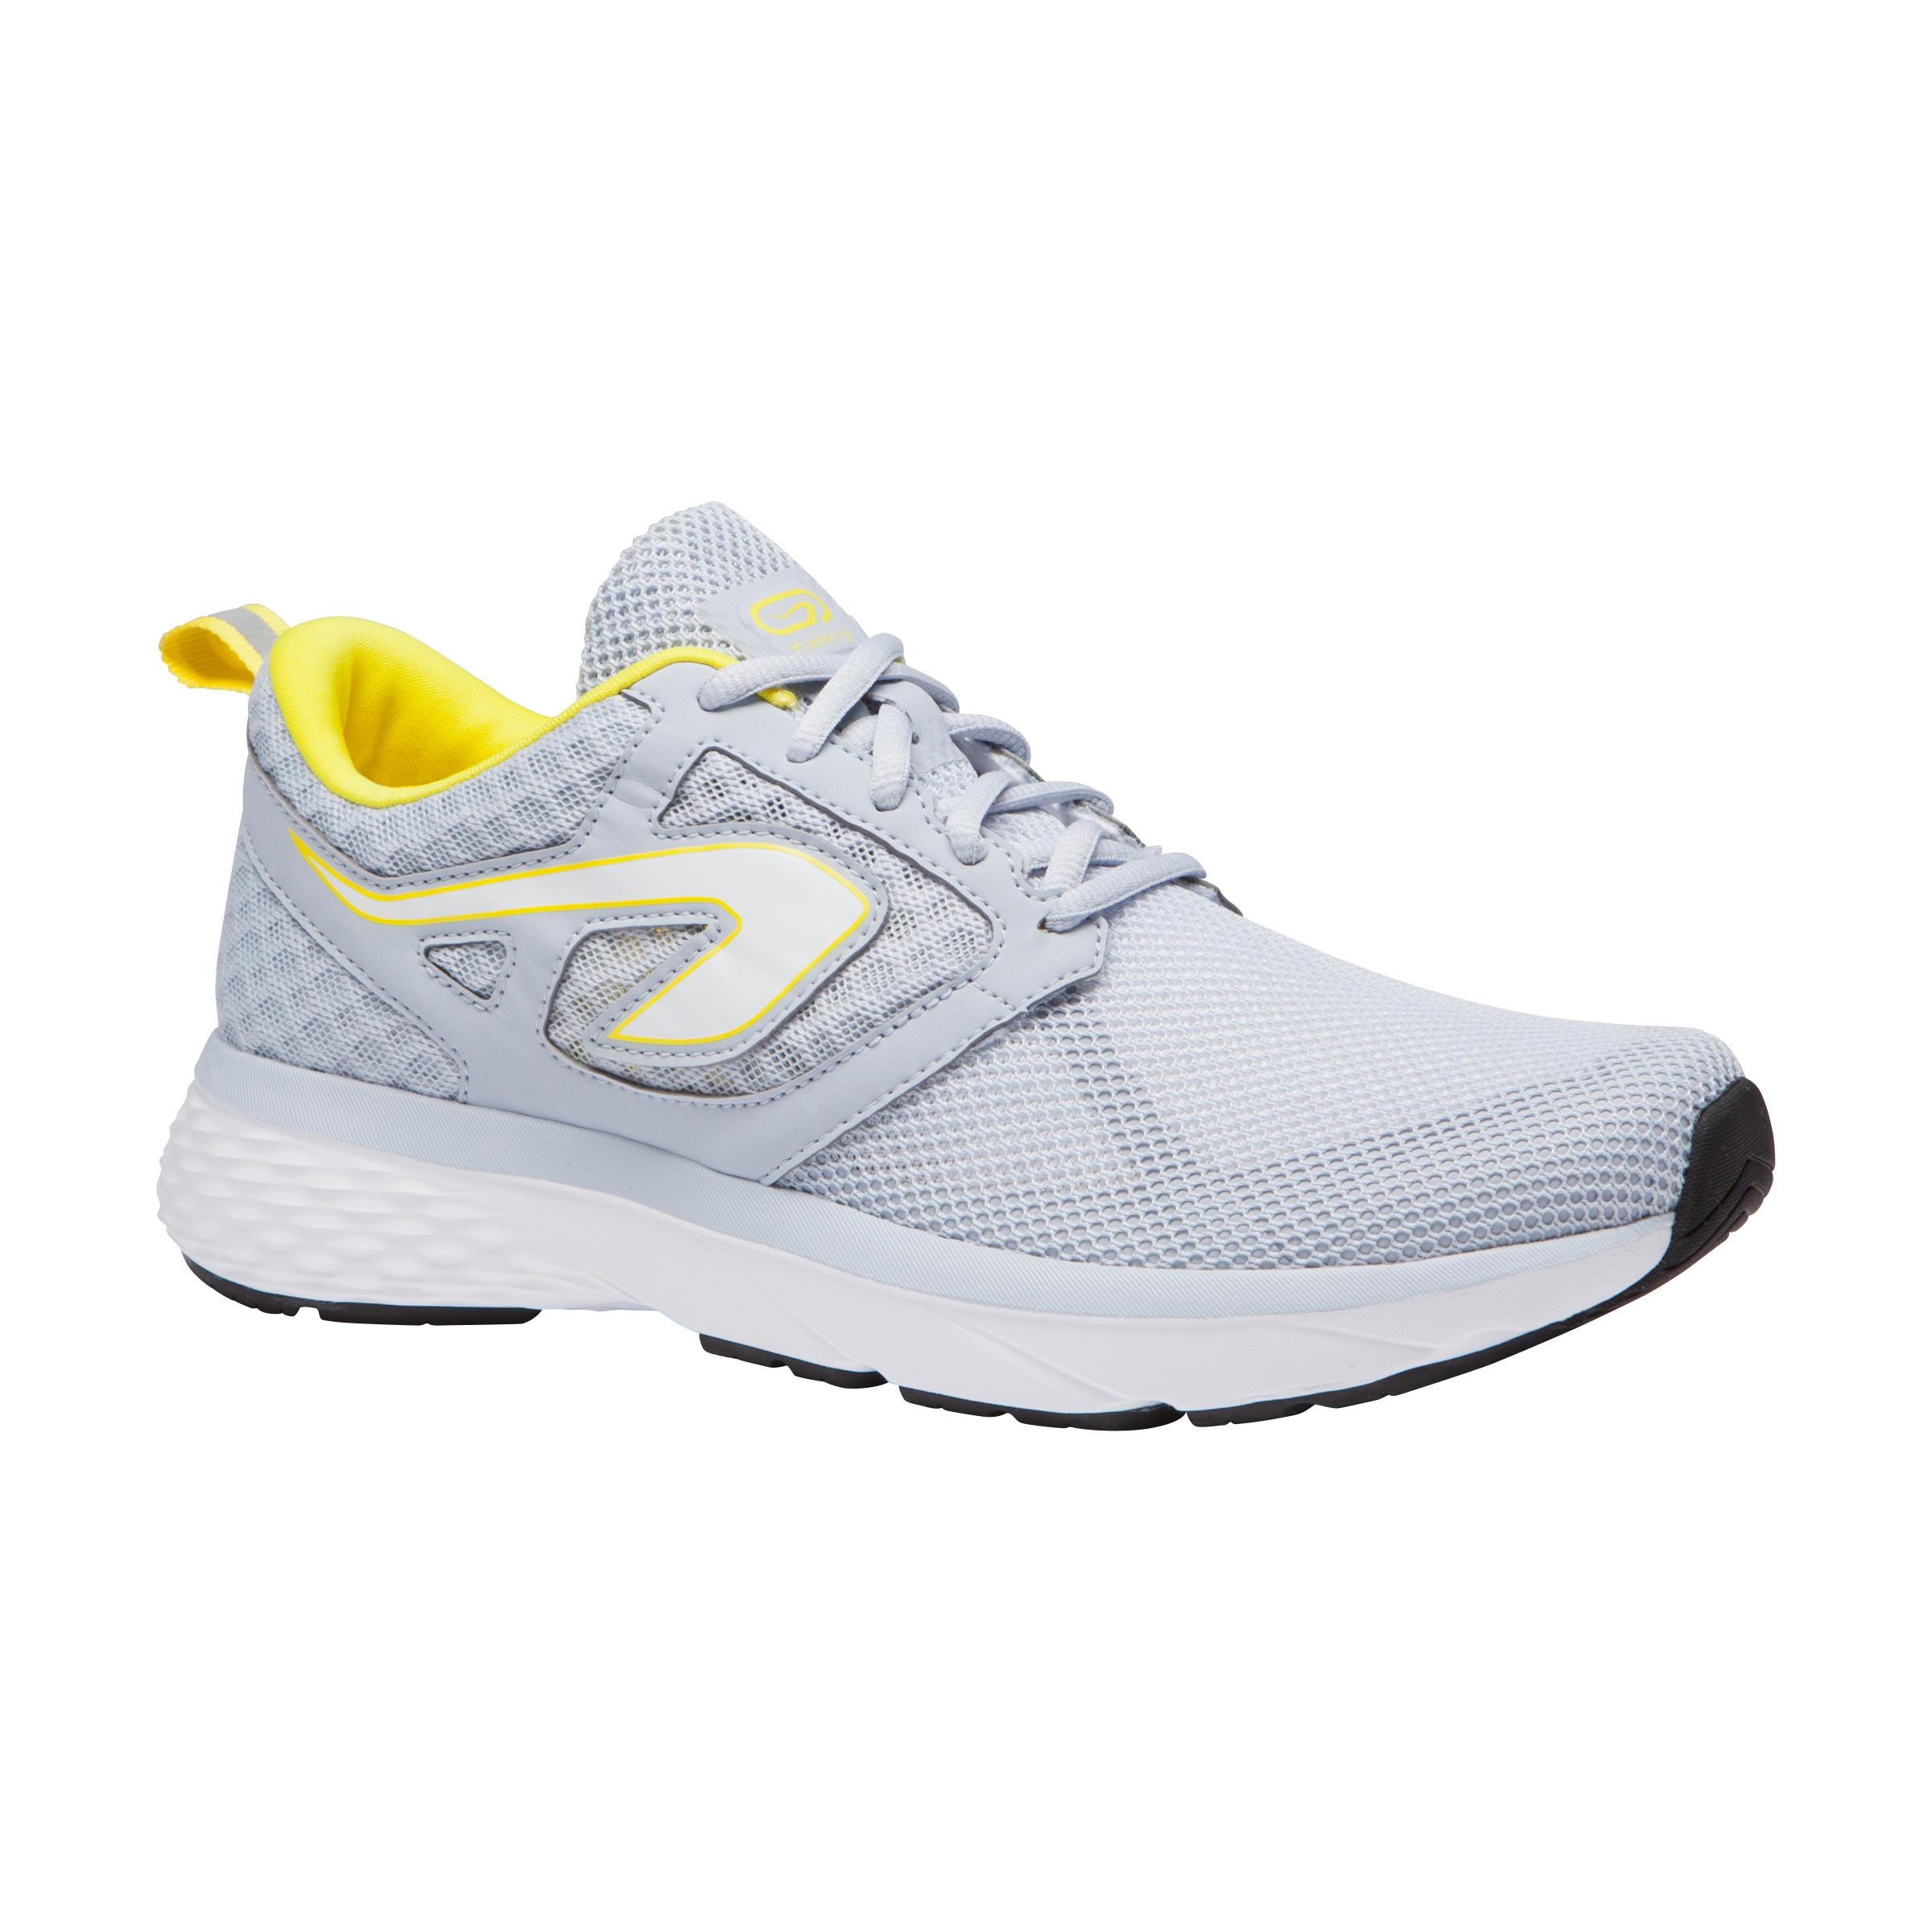 Kalenji Joggingschoenen voor dames Run Support Breathe lichtgrijs kopen